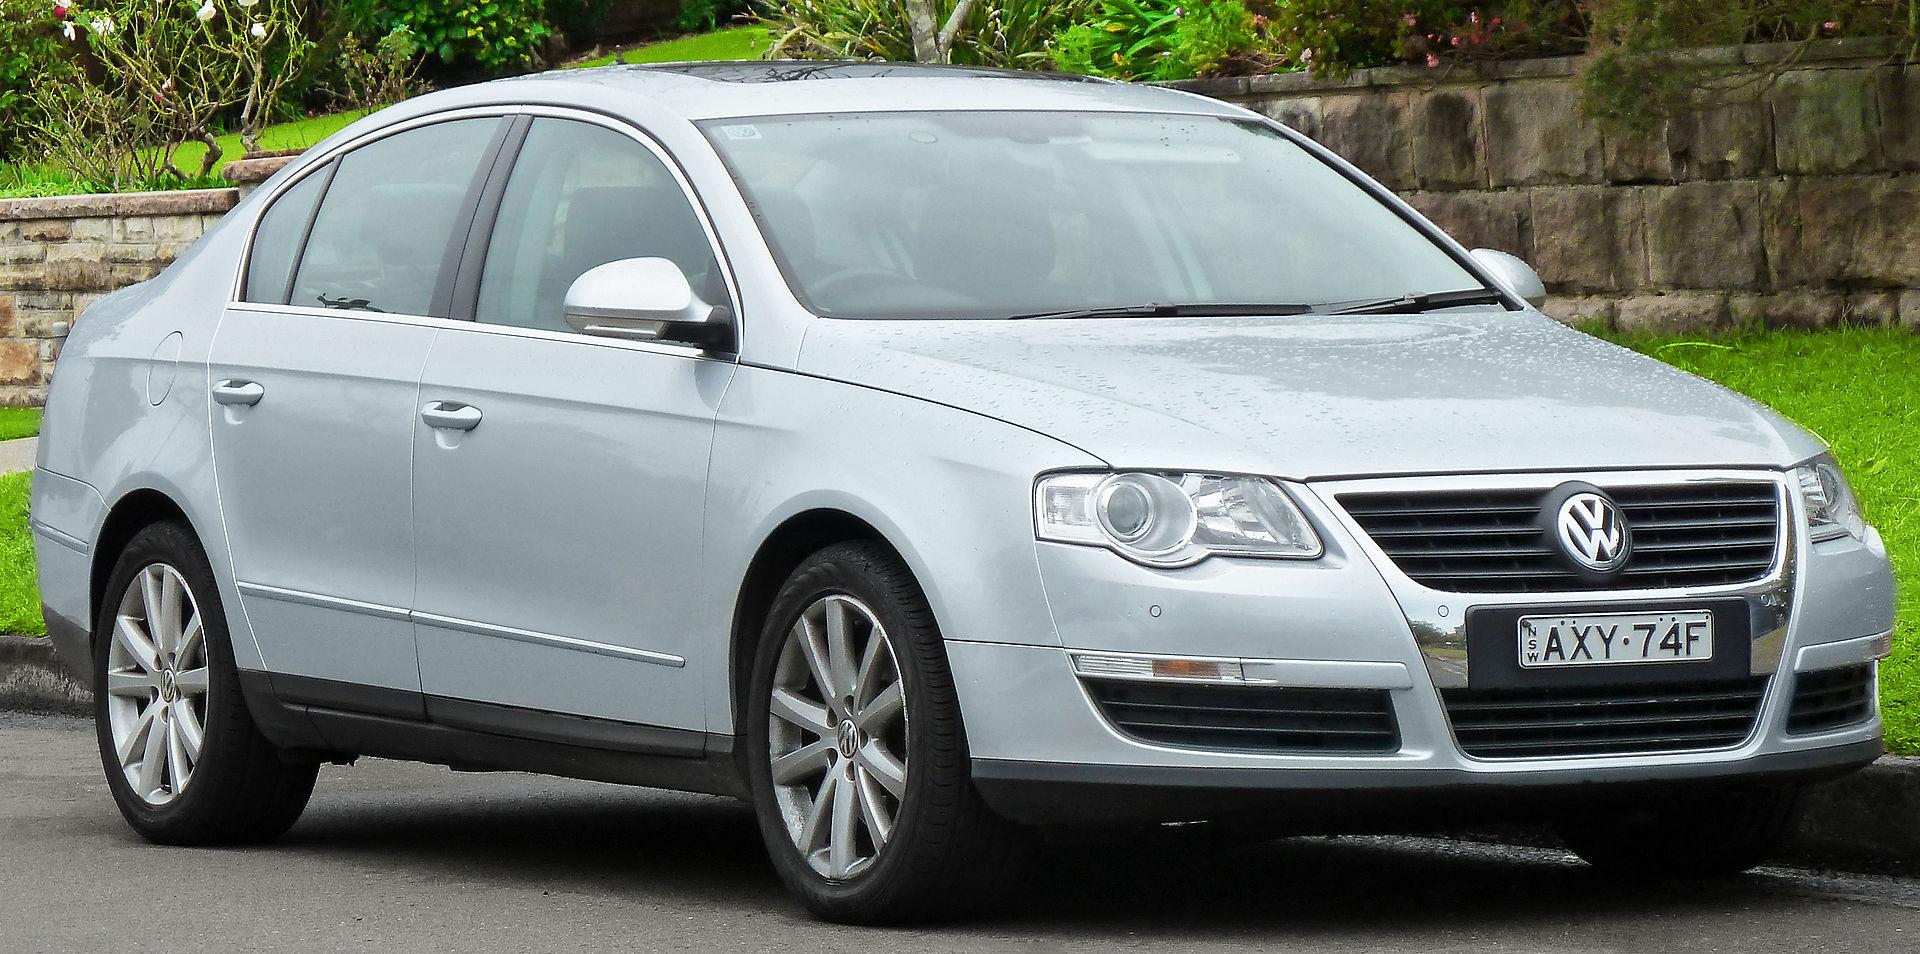 2006-2010 Volkswagen Passat (3C) sedan (2011-07-17) 01.jpg